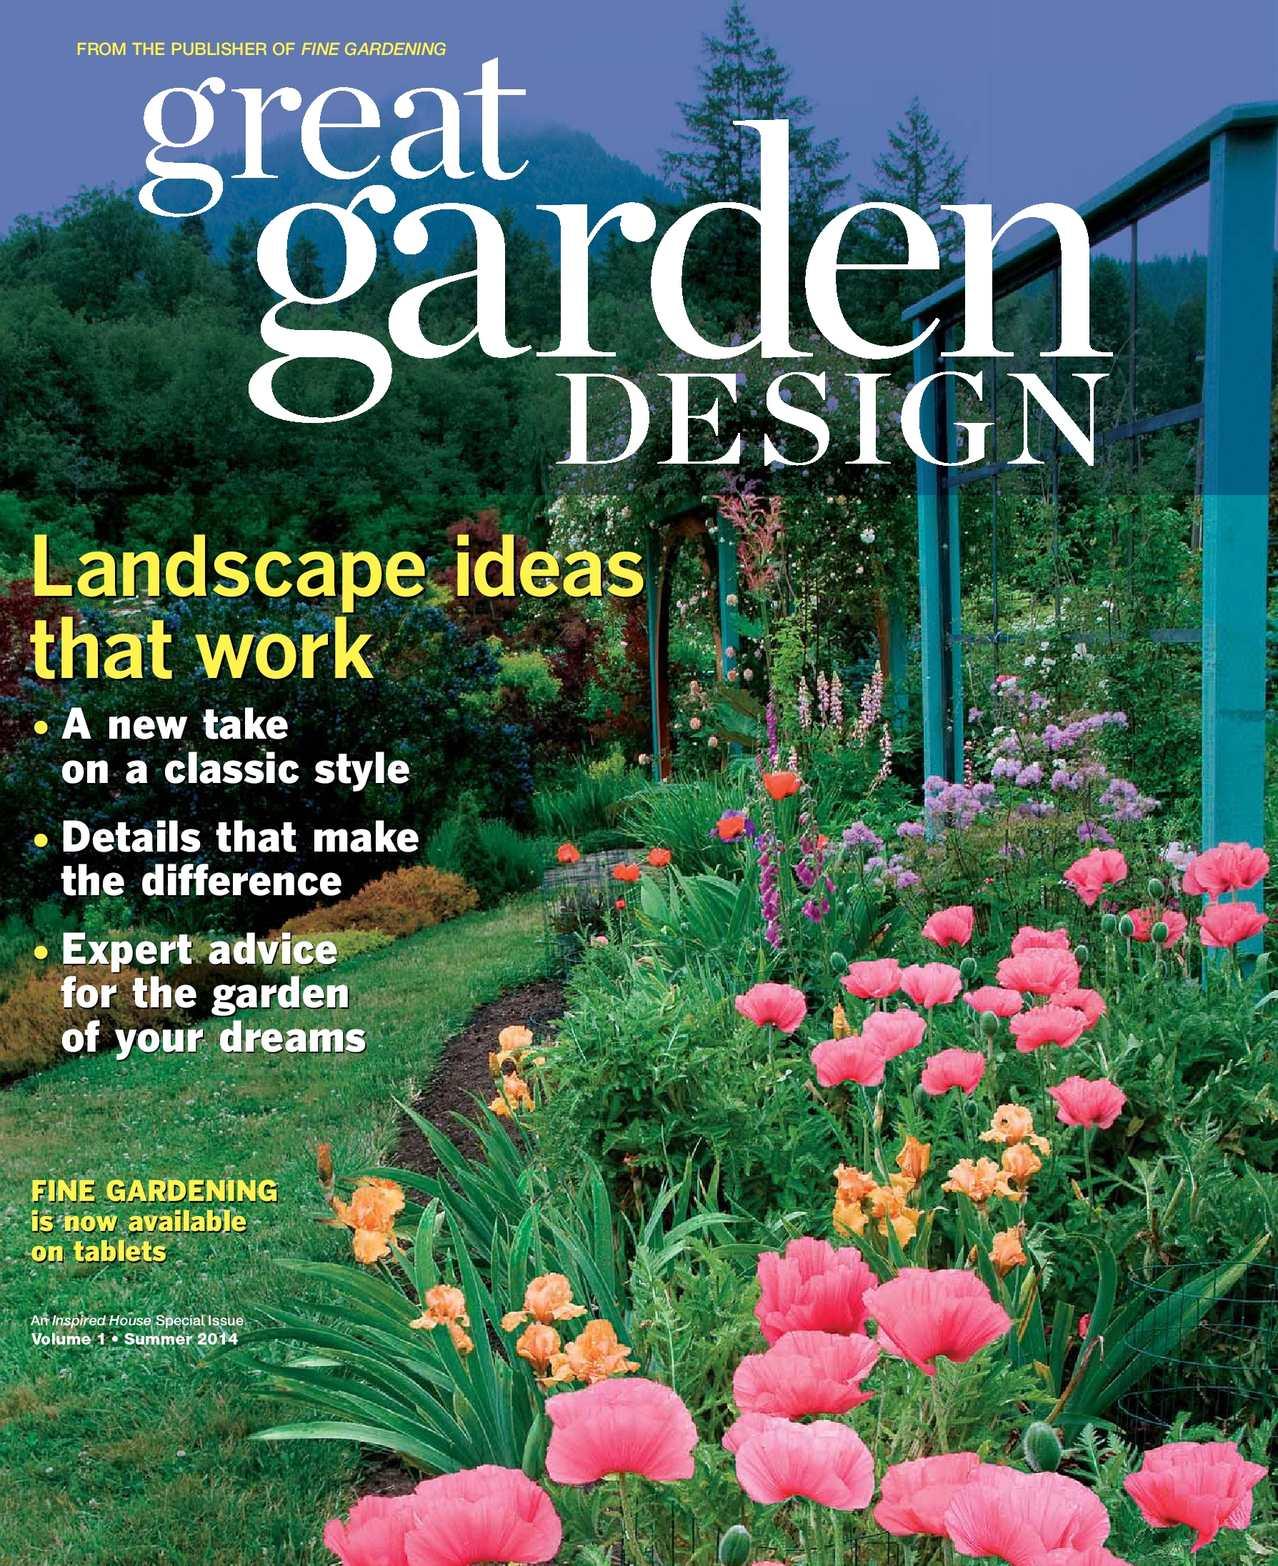 FG SIP #52 - Great Garden Design Preview